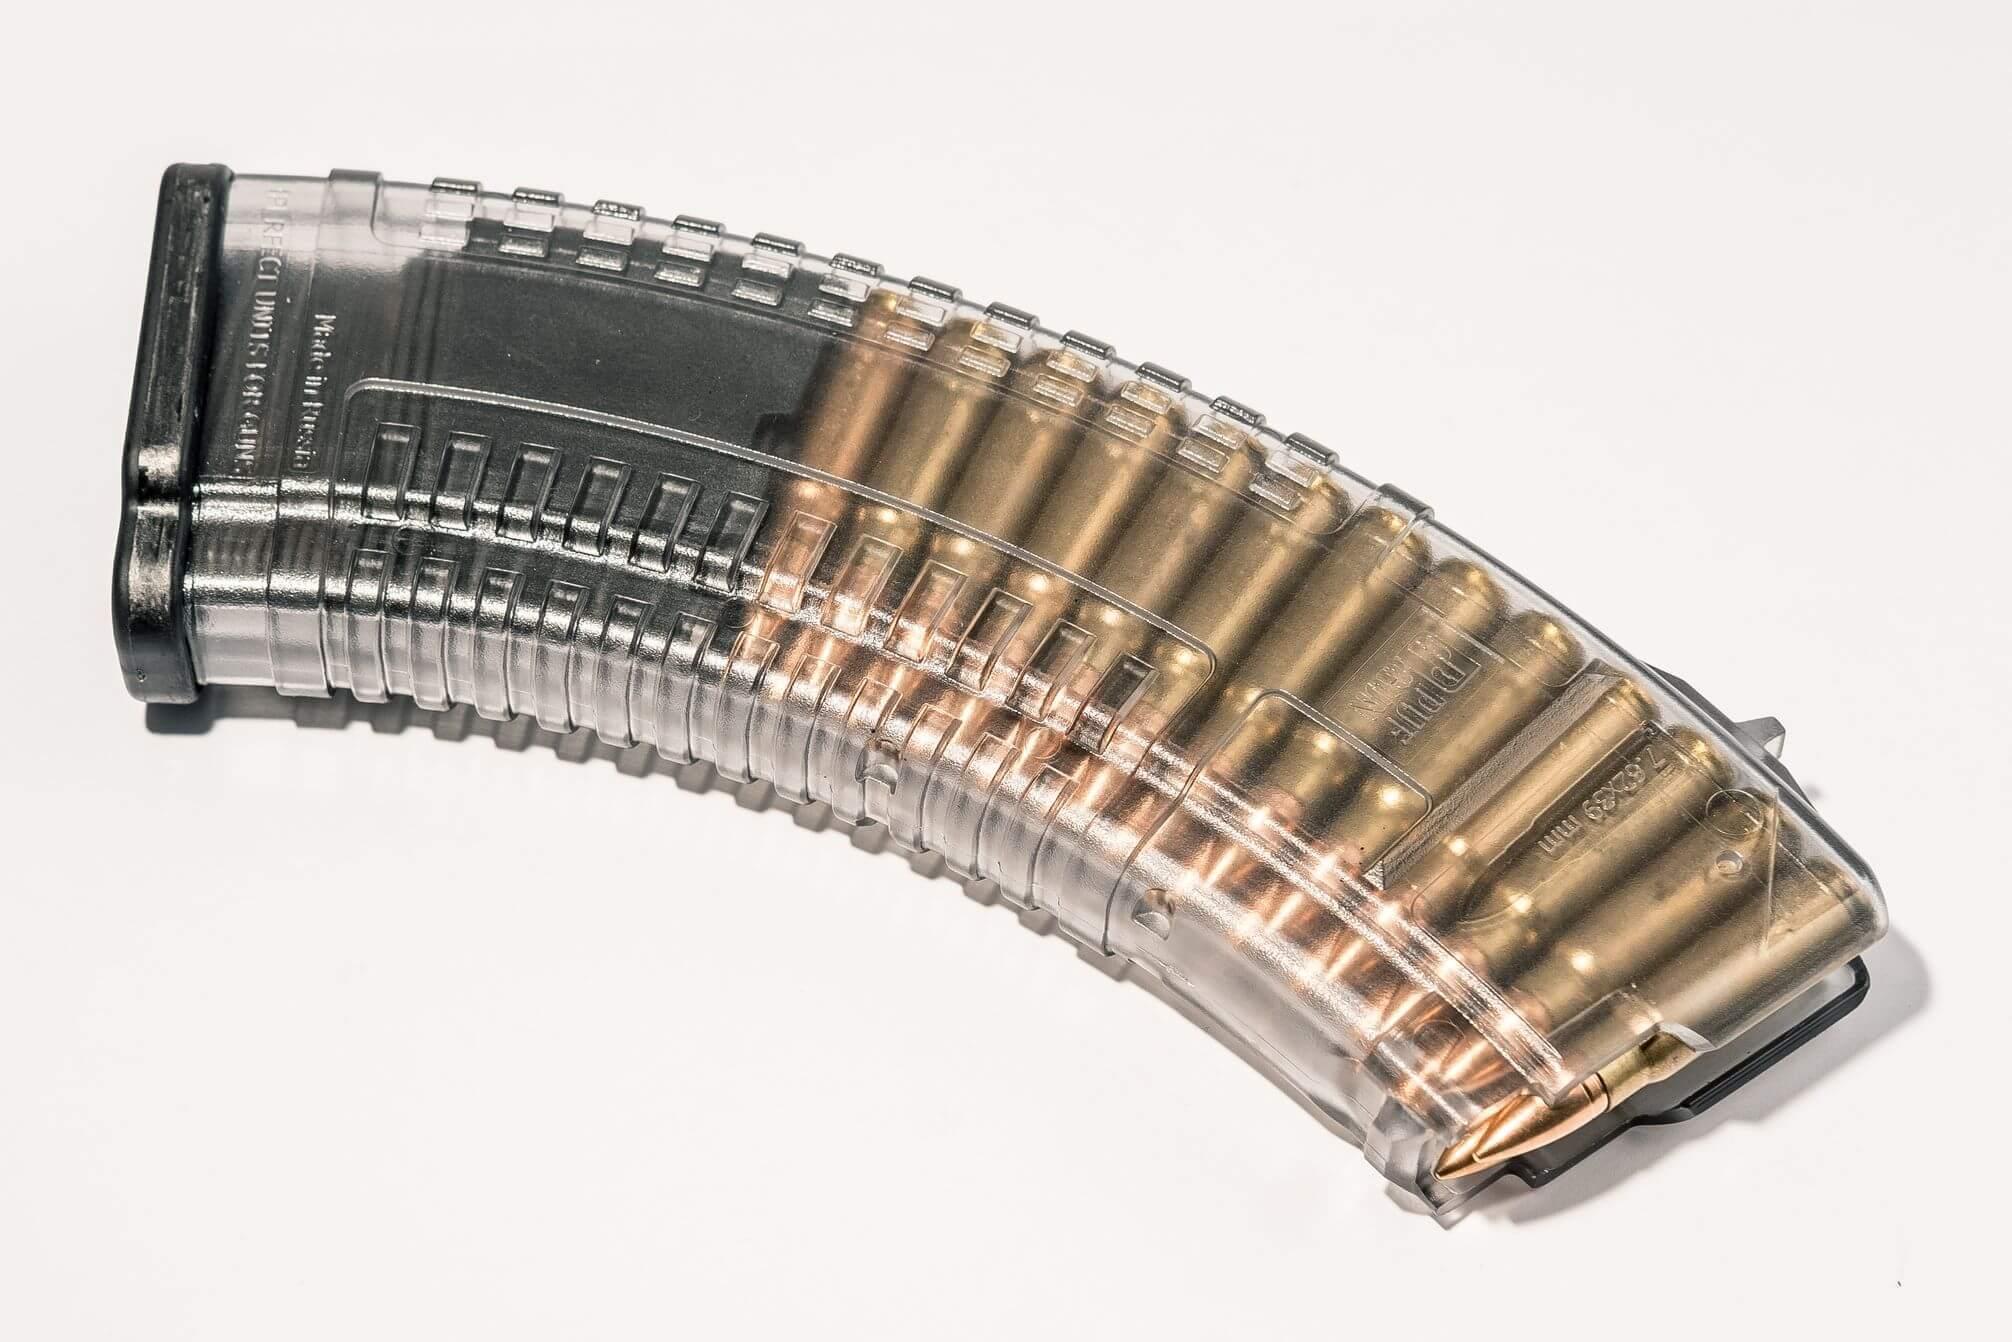 Магазин Pufgun для АКМ (7.62x39) ВПО-136 ВПО-209 на 30 Gen2, прозрачный